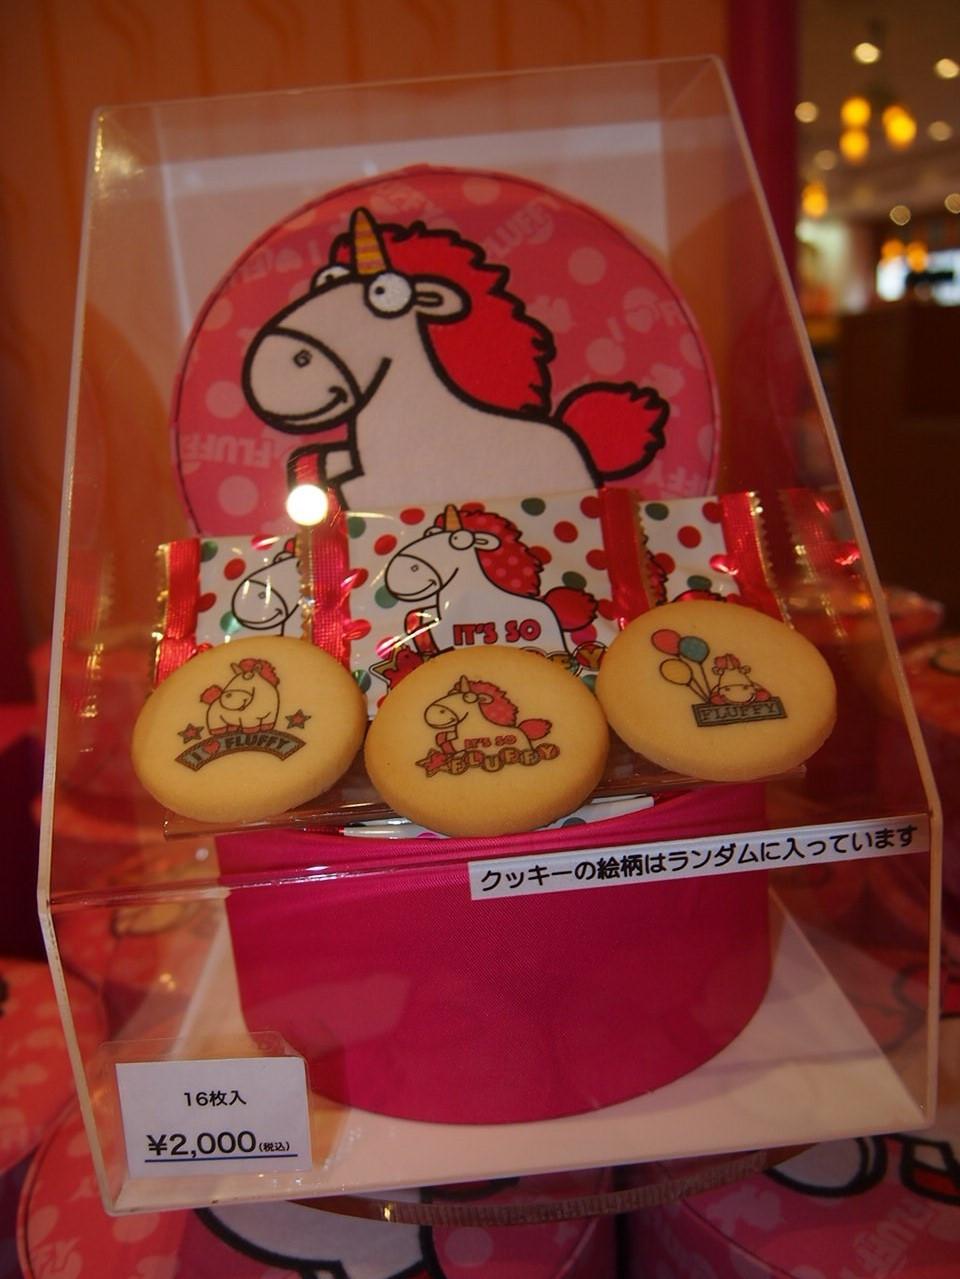 ユニコーンのフラッフィーボックスクッキー